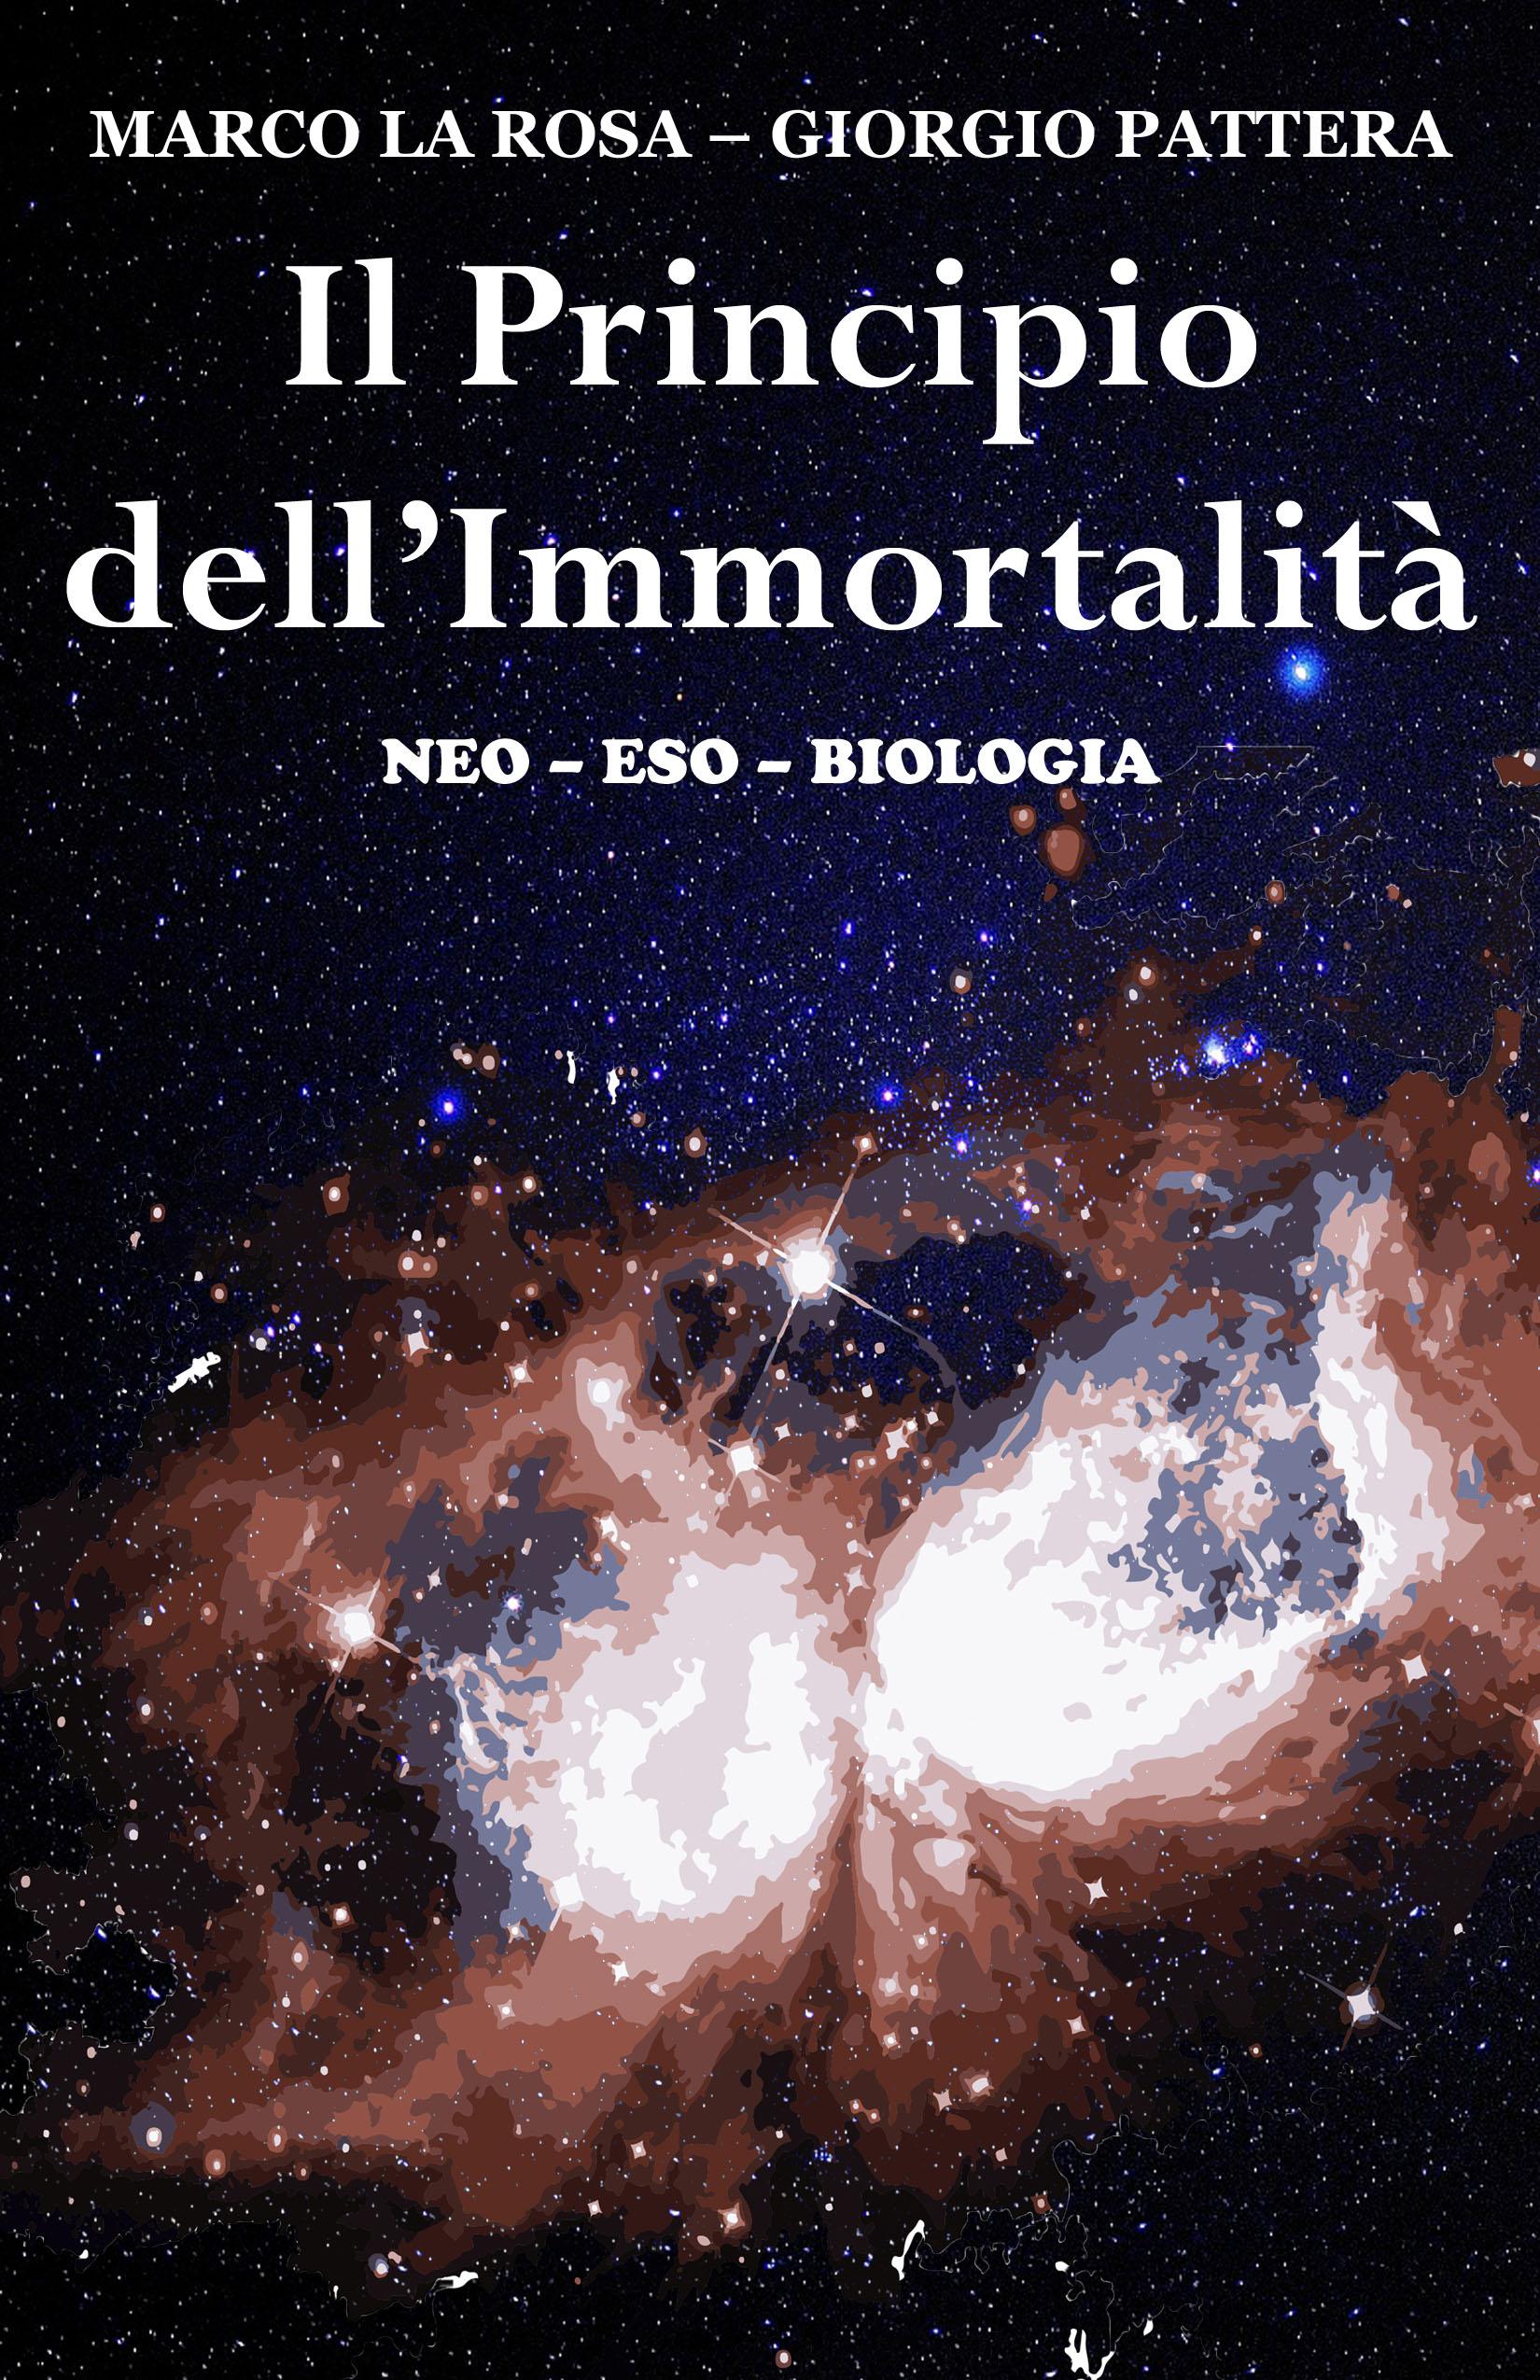 Il principio dell'immortalità